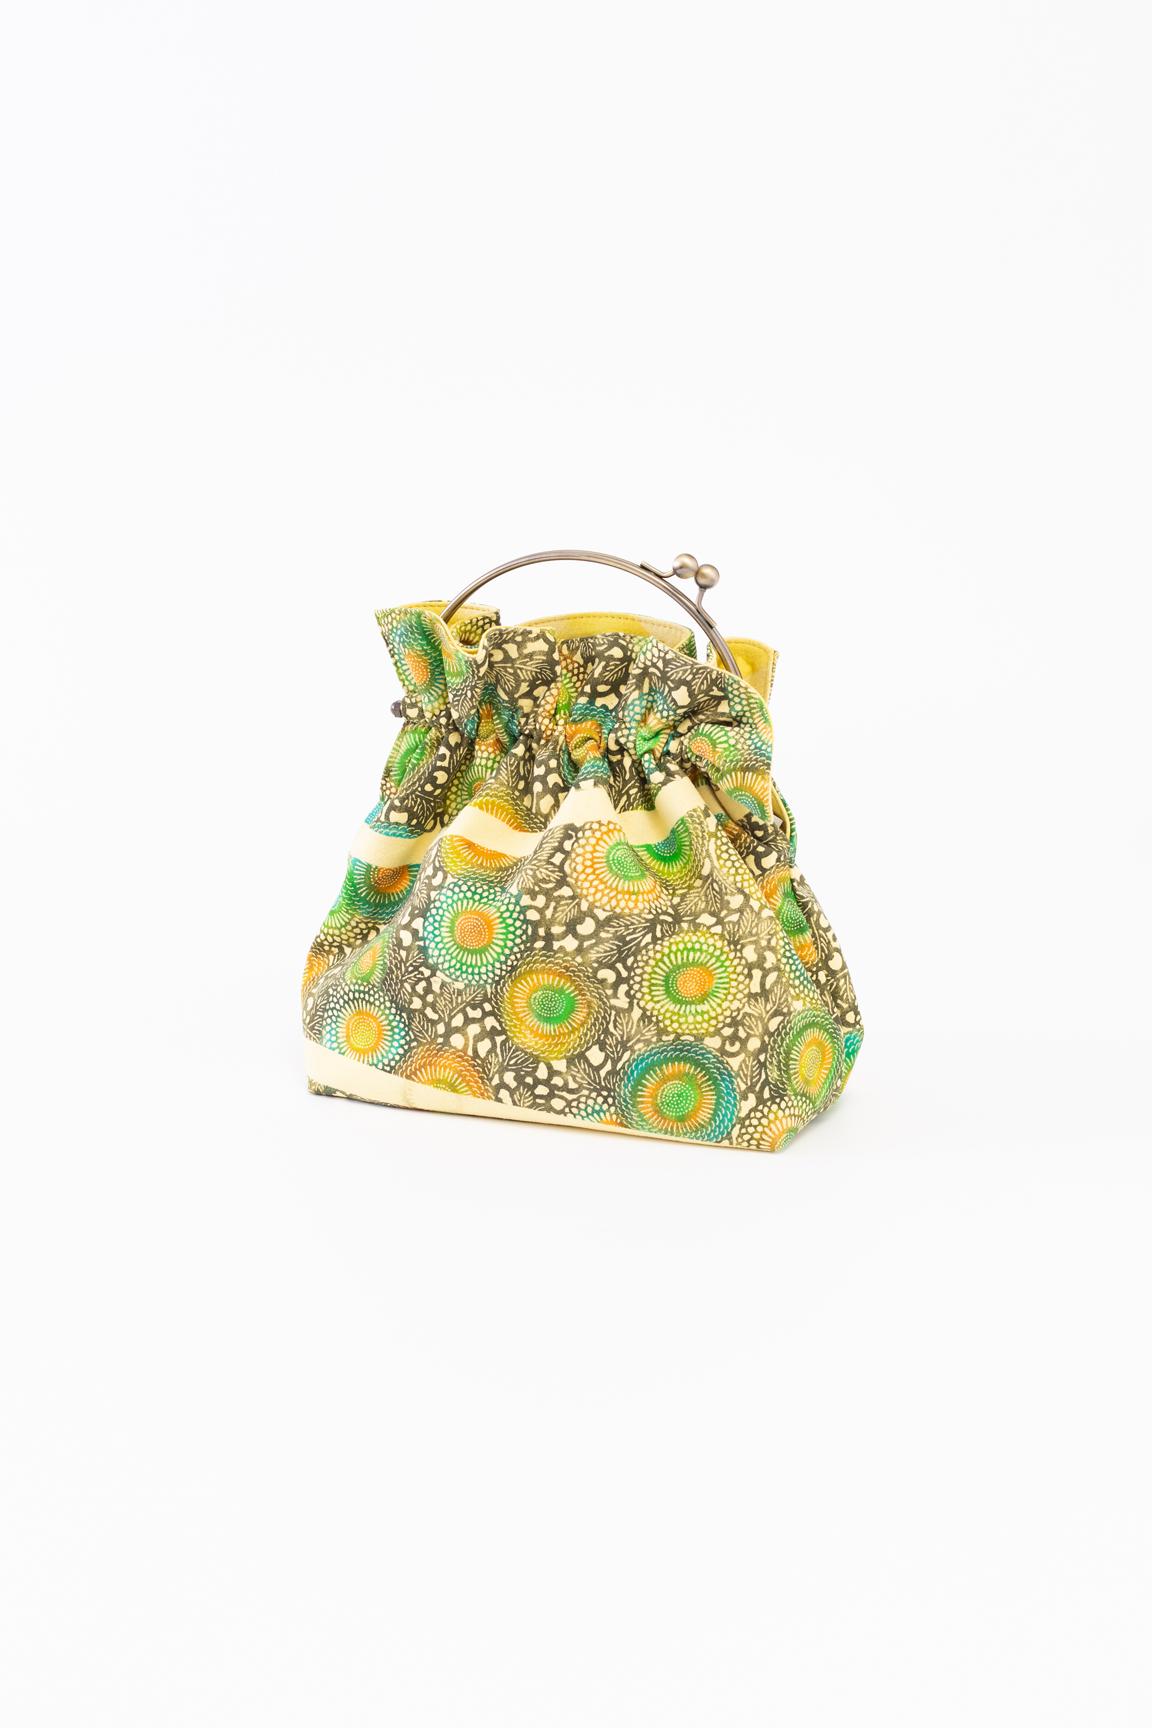 Bag(yellow)